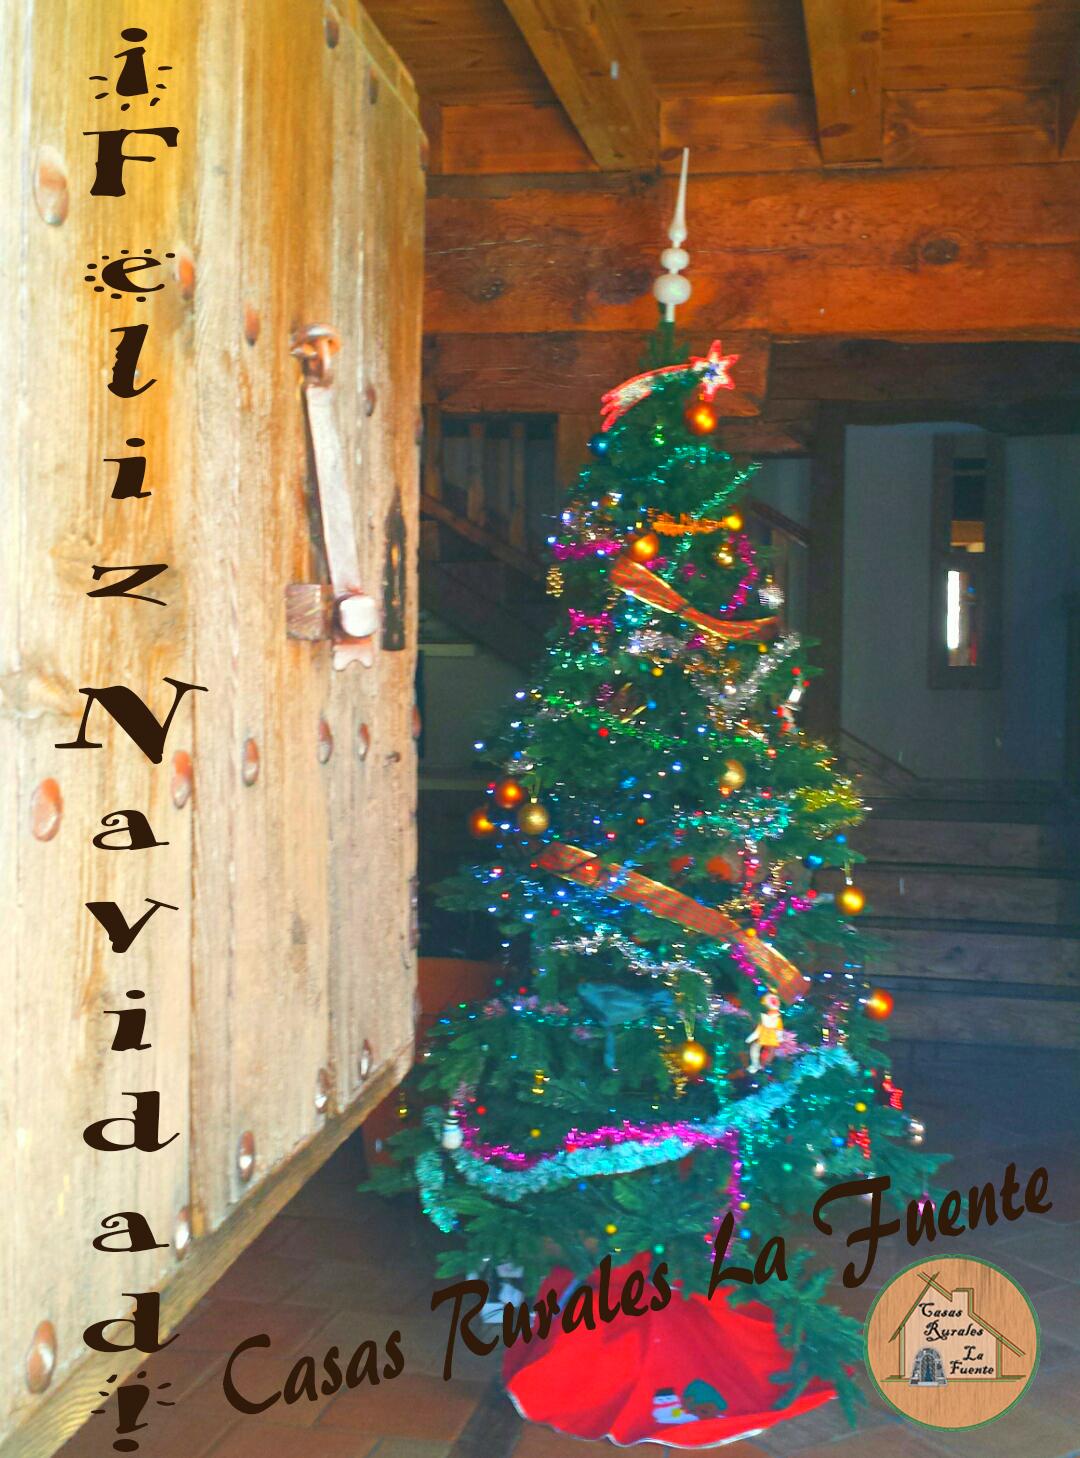 Navidad 2017 -2018 Casas rurales de Segovia